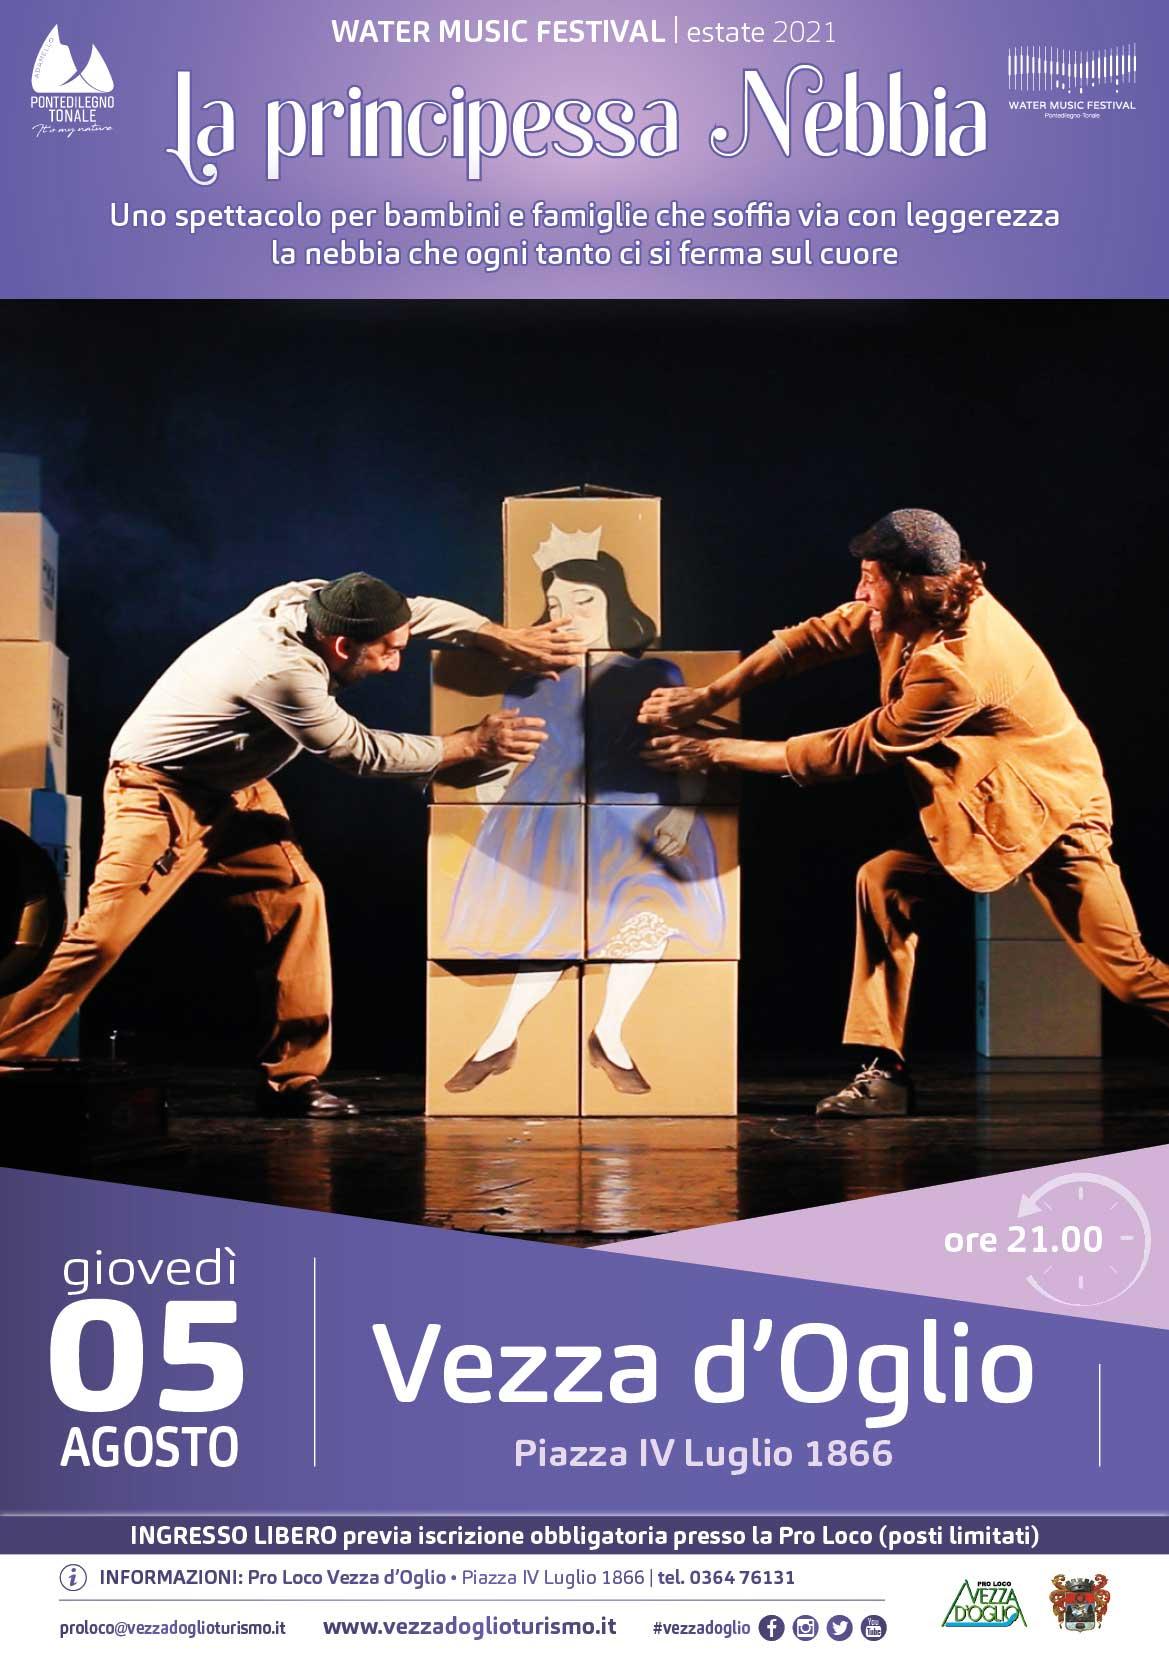 Vezza-5-Agosto_SPETTACOLO-TEATRALE-water-music-min